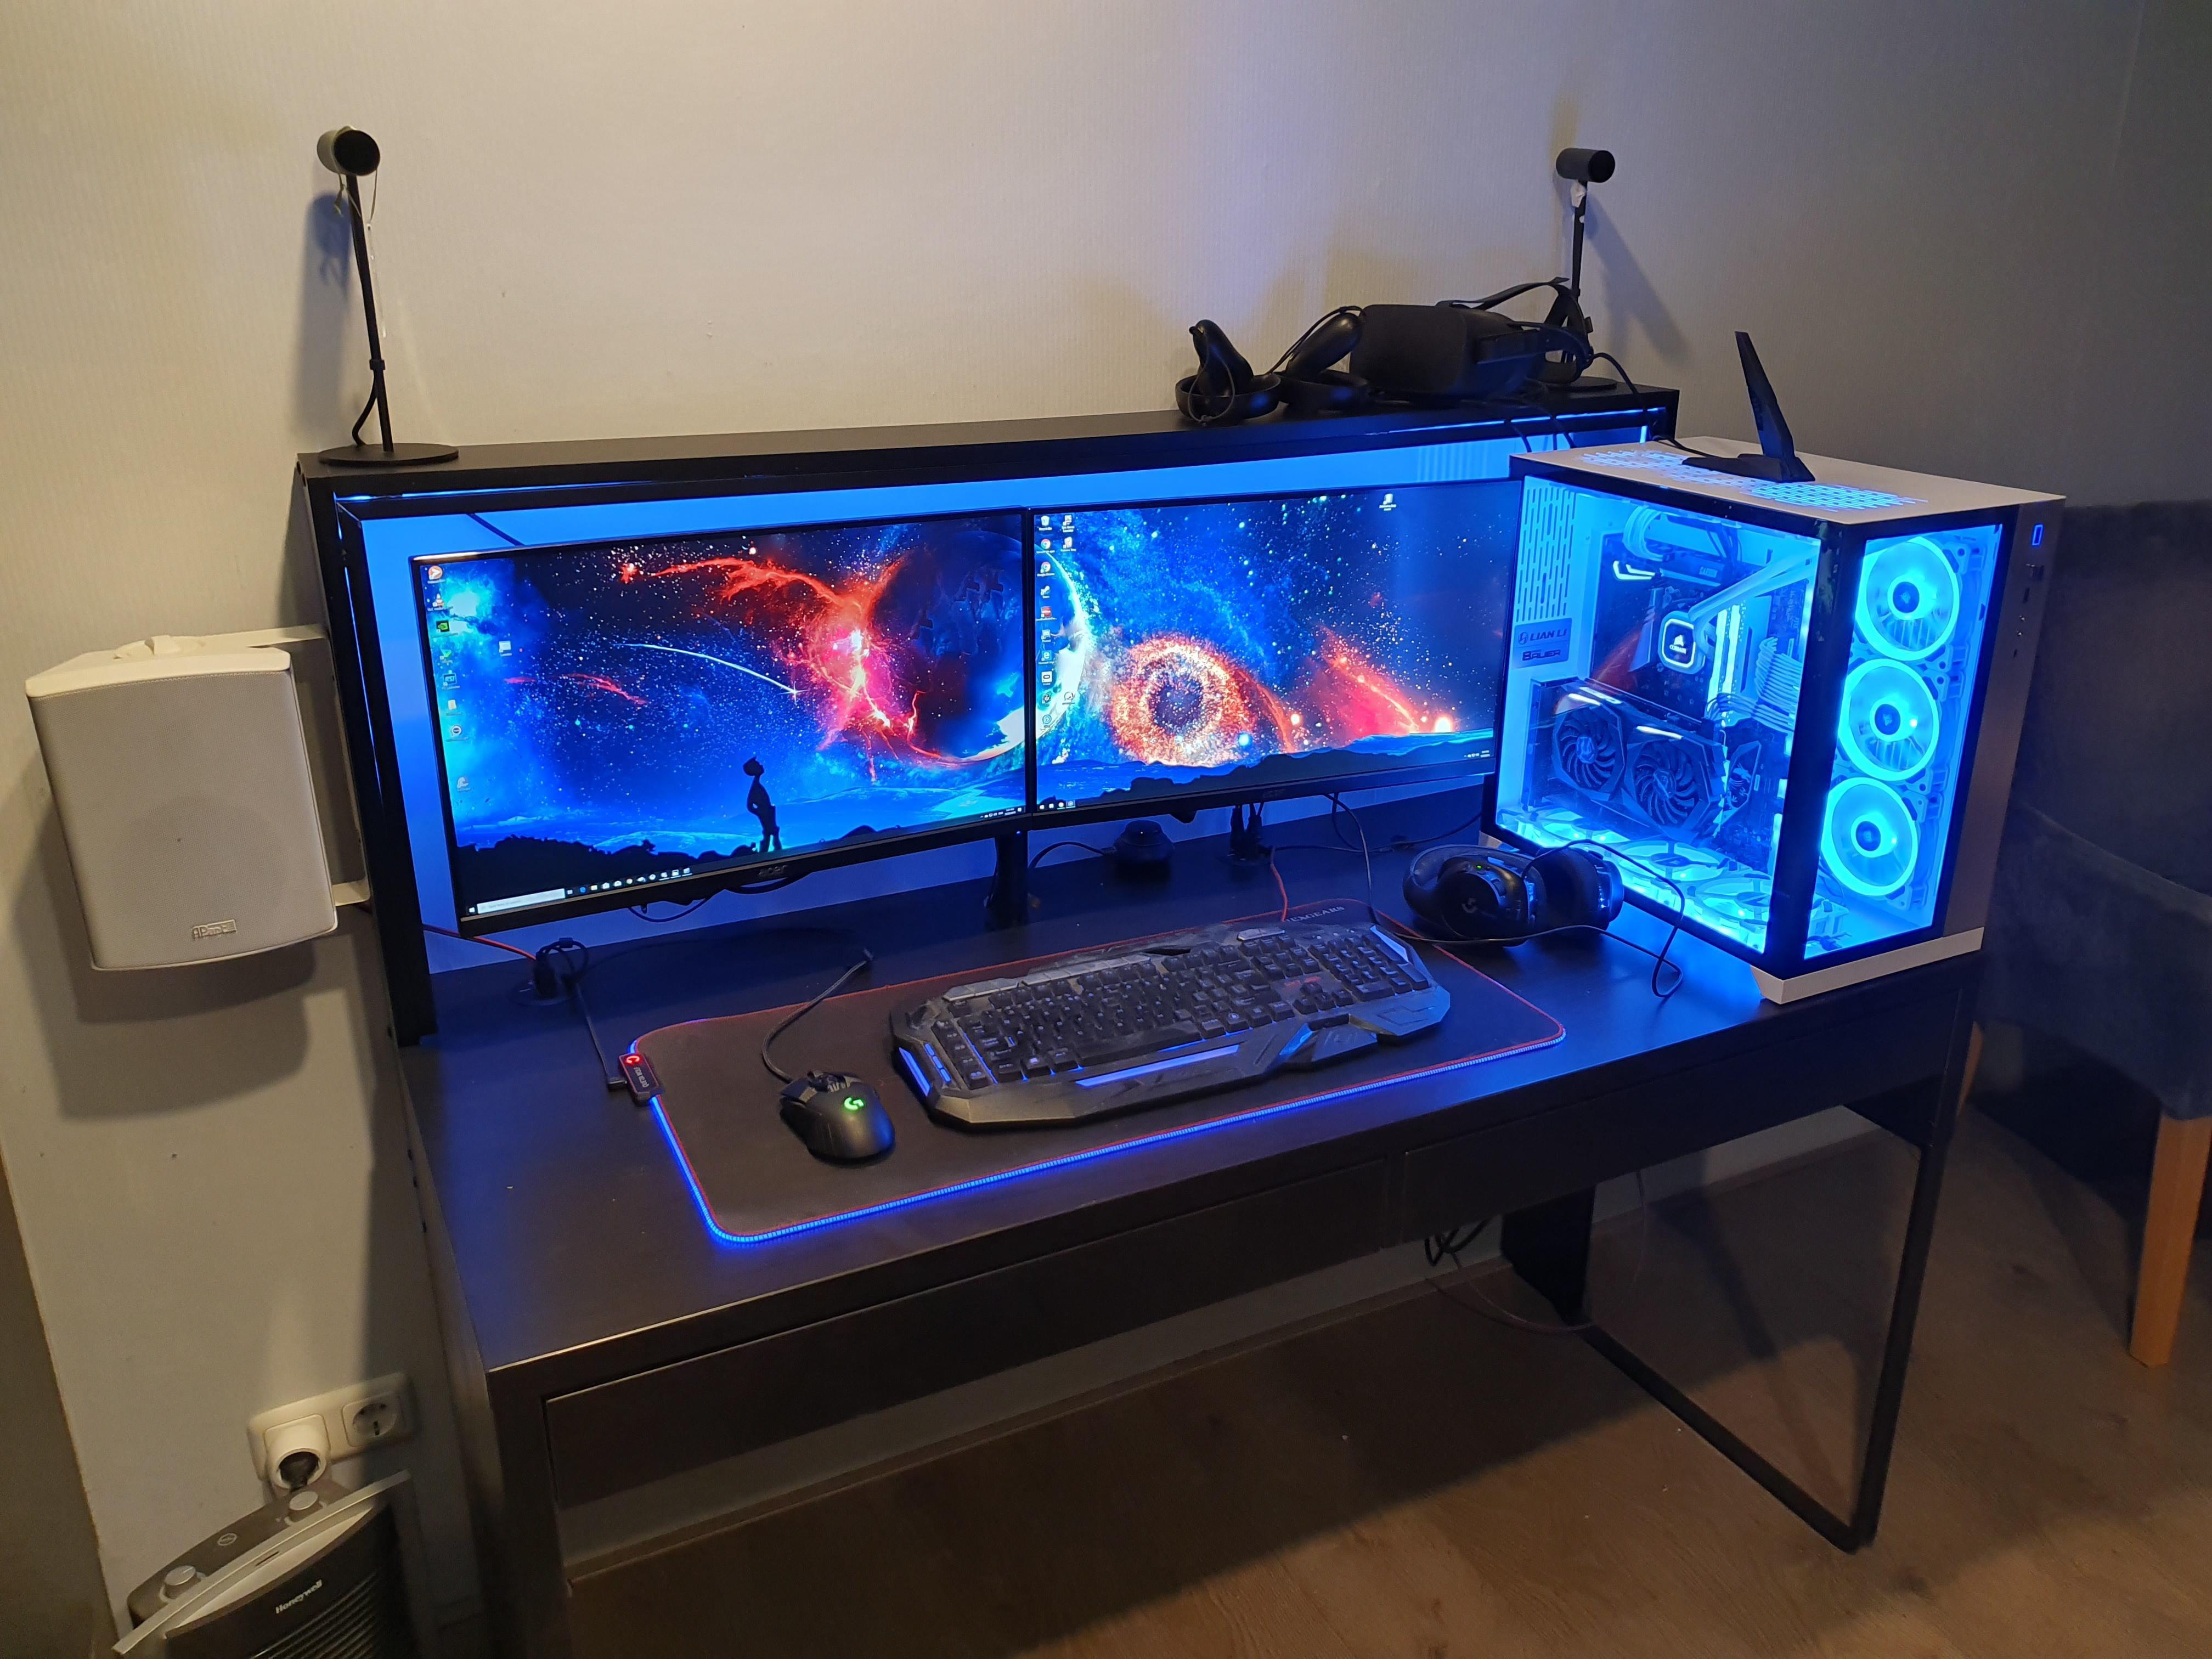 Finally cleaned up and finished my setup pc setup